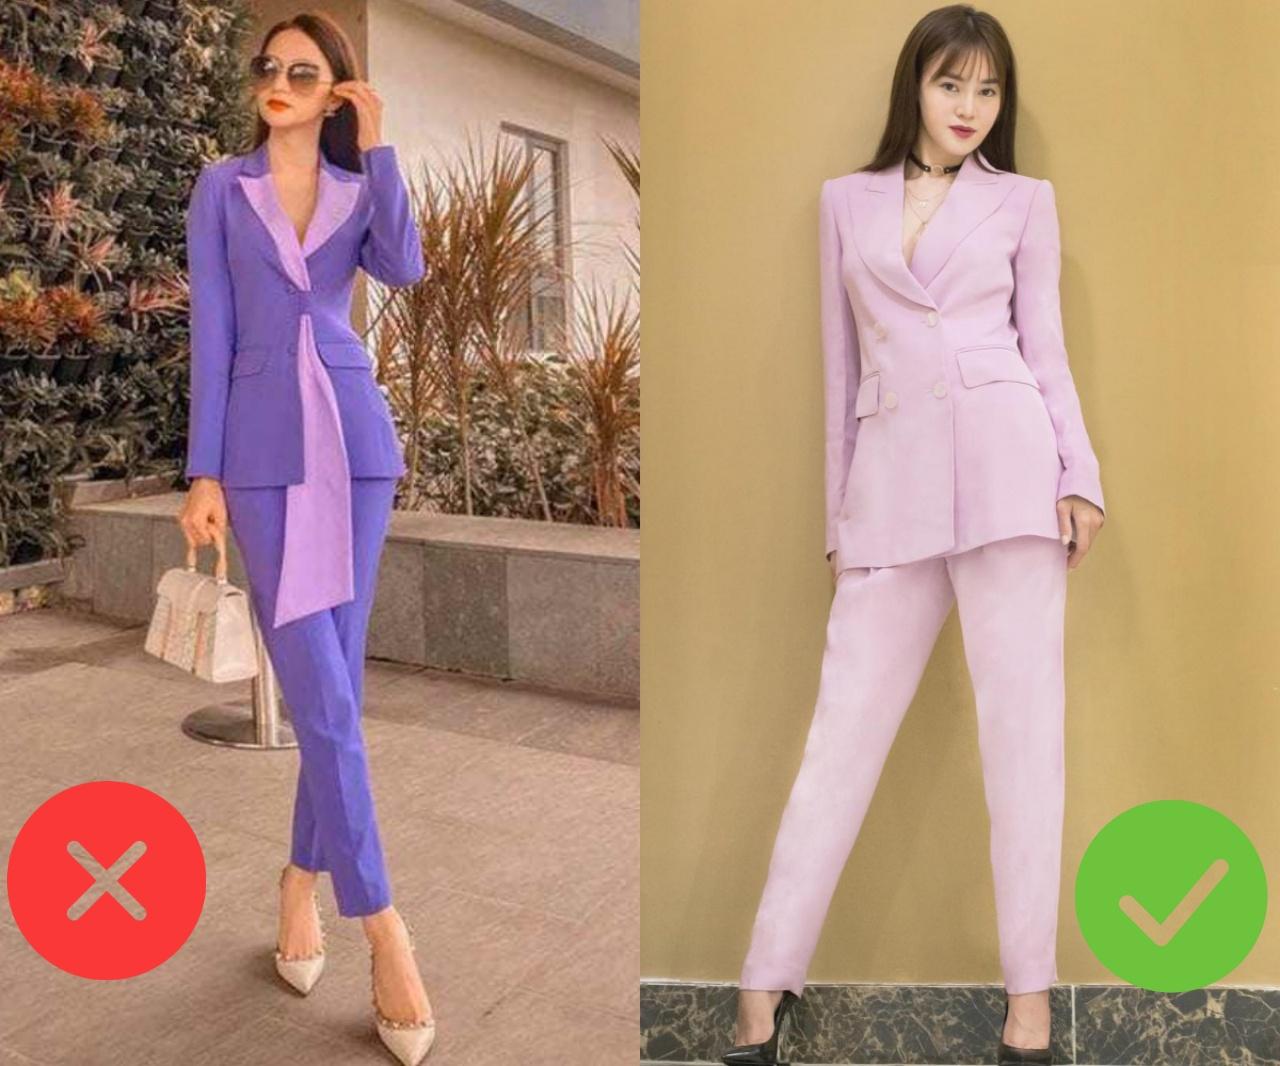 Hot nhất năm nay chính là trang phục màu tím nhưng để diện đẹp mà không sến thì các nàng cần tránh 3 sai lầm sau - Ảnh 2.